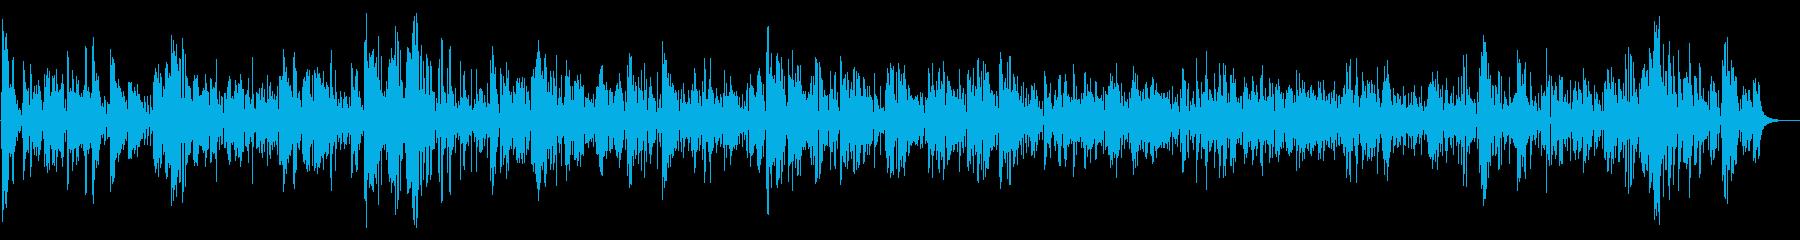 JAZZ|配信・TV・動画・イベント用の再生済みの波形